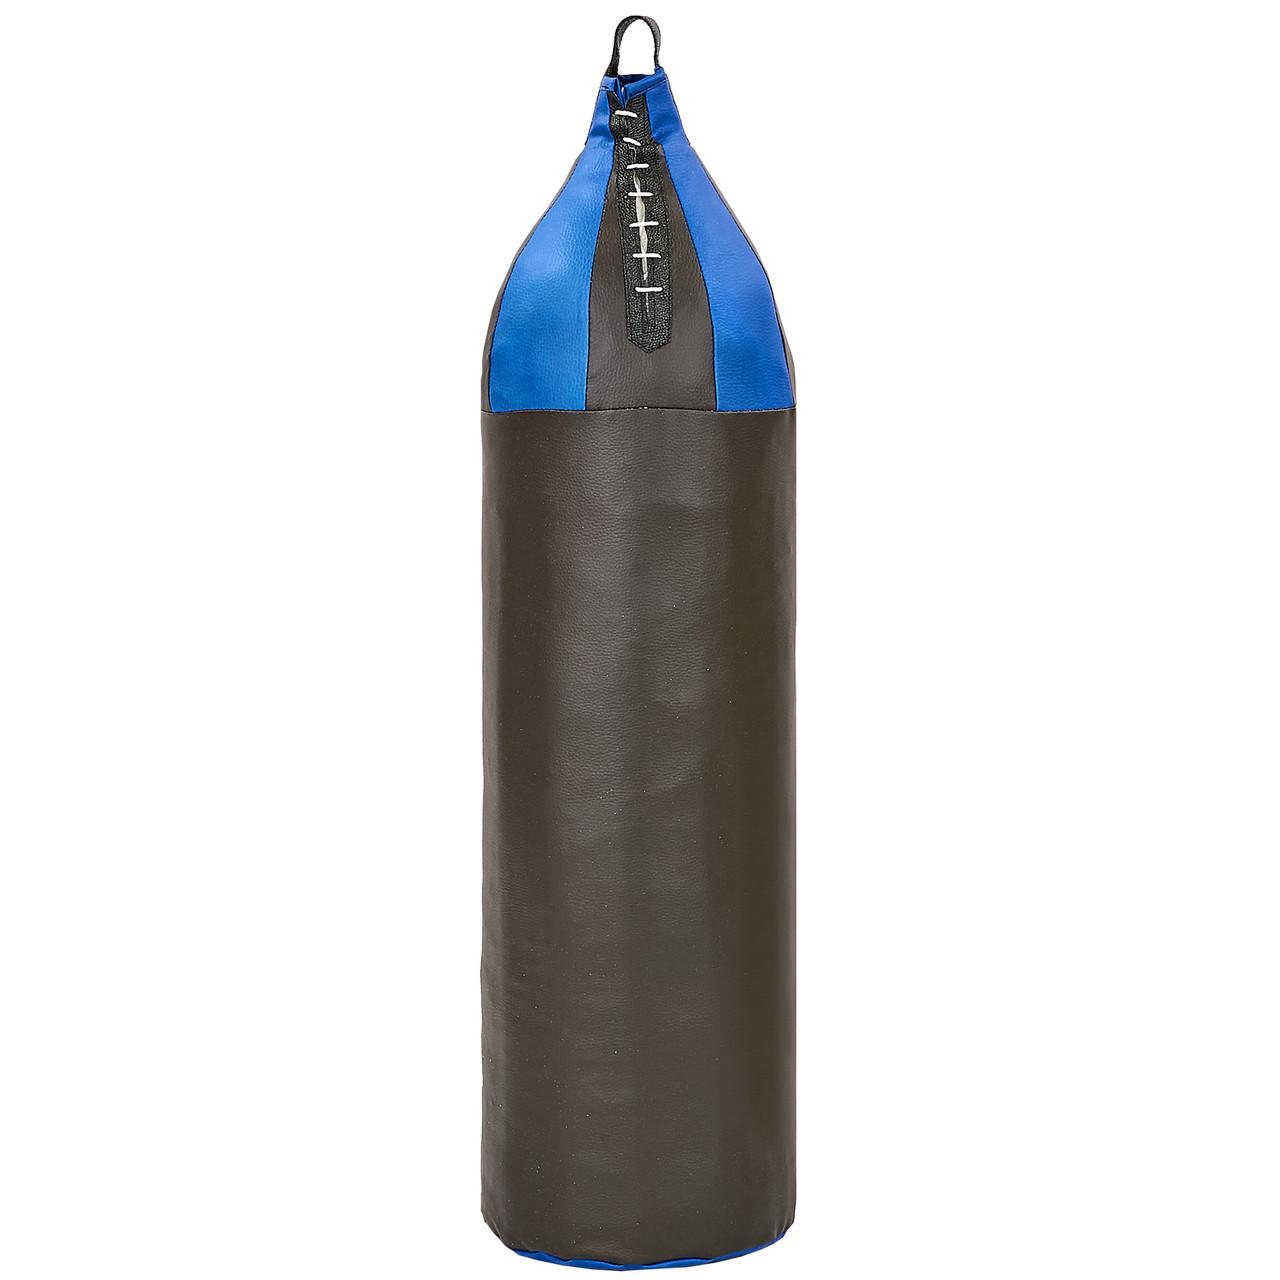 Мешок боксерский Шлемовидный Кирза h-95см Большой шлем BOXER (наполнитель-ветошь х-б, d-26см, вес-16кг,